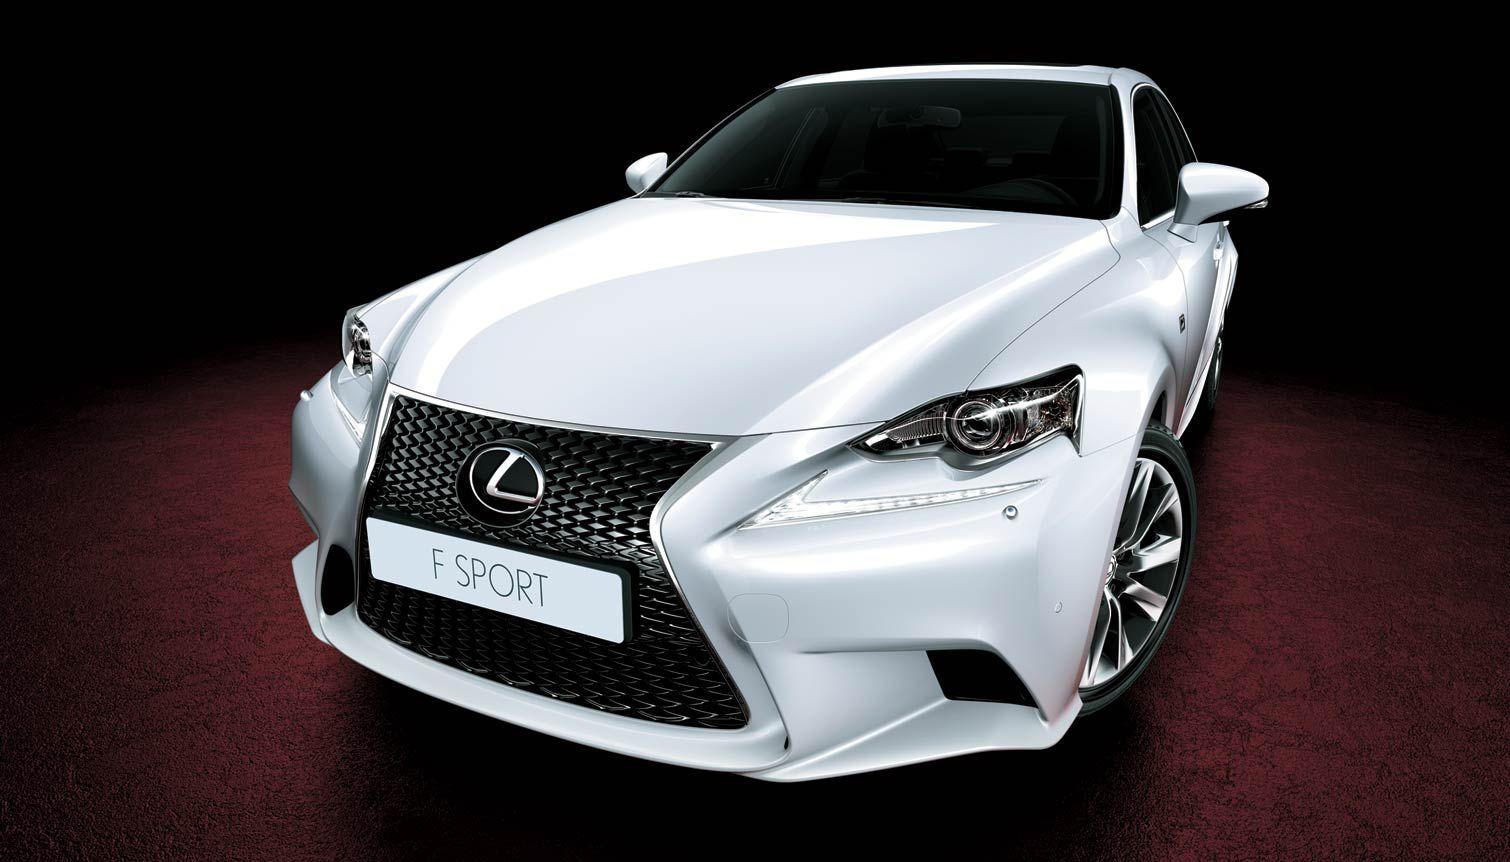 Lexus IS 250 overseas model shown